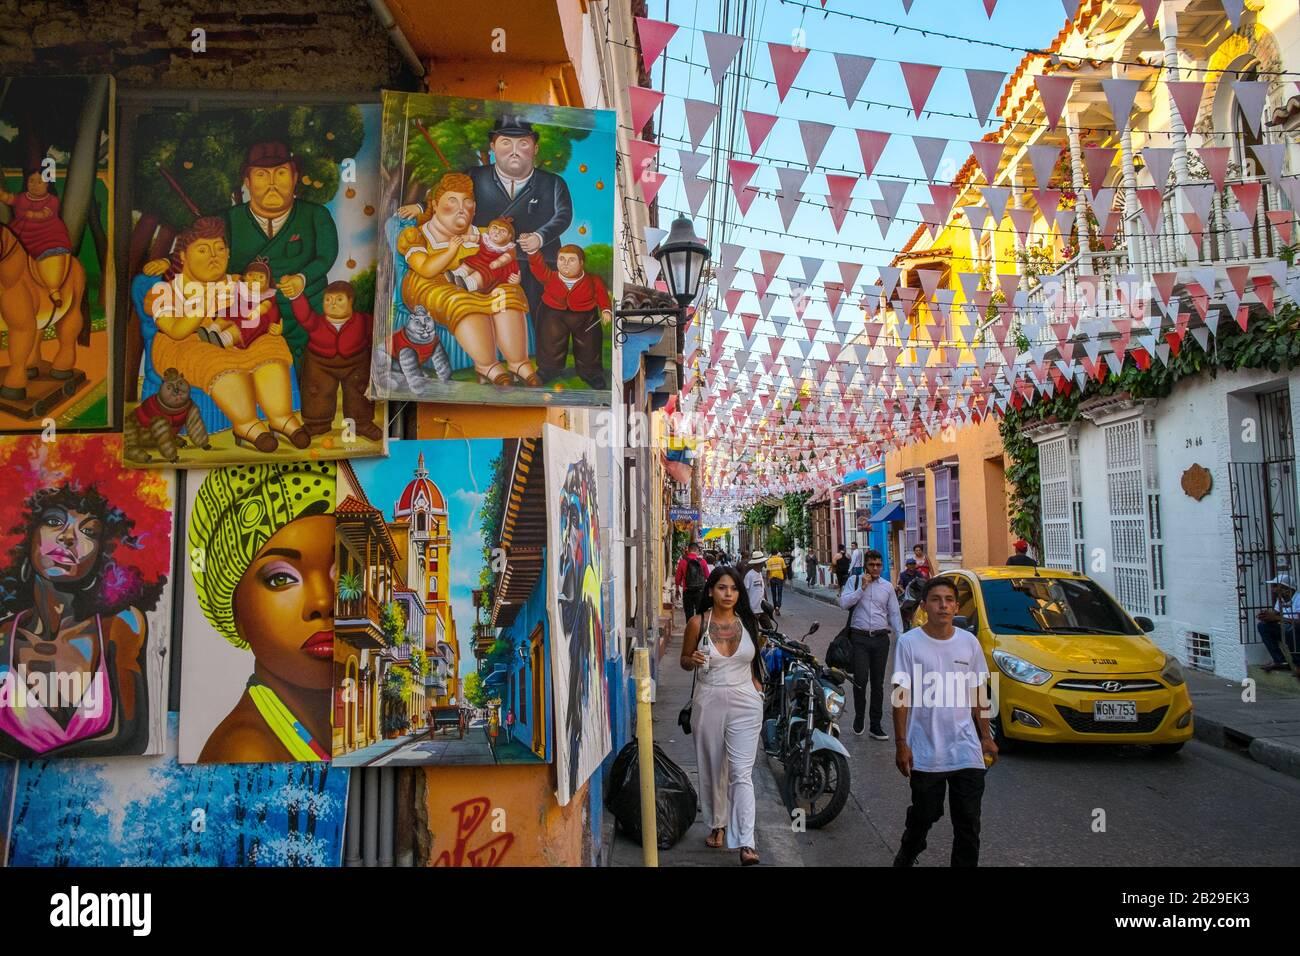 Los peatones caminan por las pinturas para la venta en un estudio artístico en el Barrio Getsemaní, Cartagena, Colombia Foto de stock